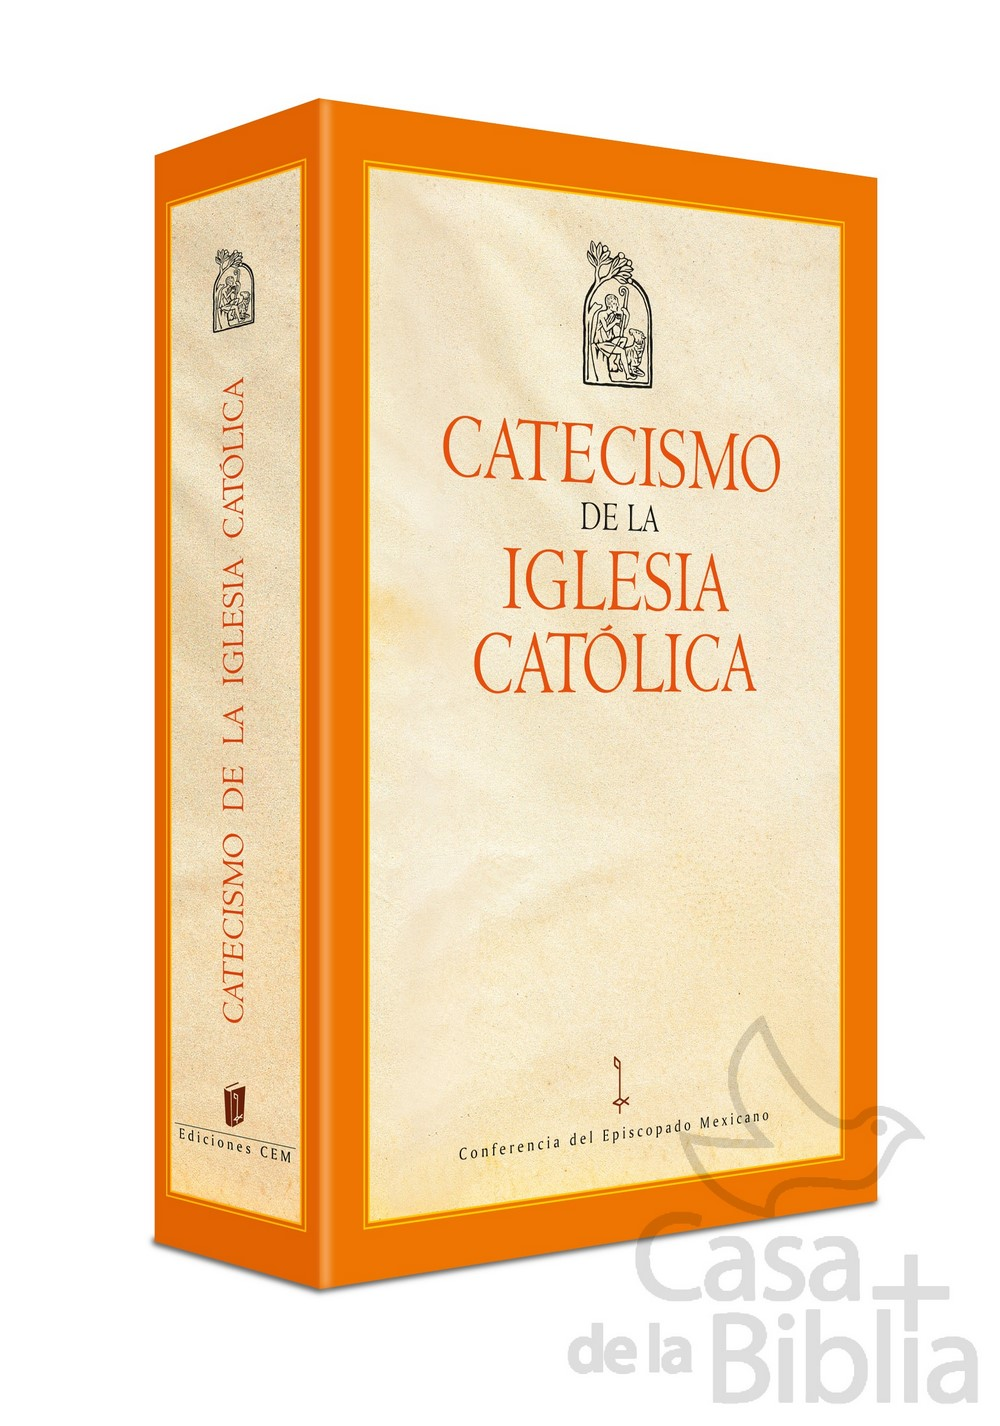 Catecismo-C Web